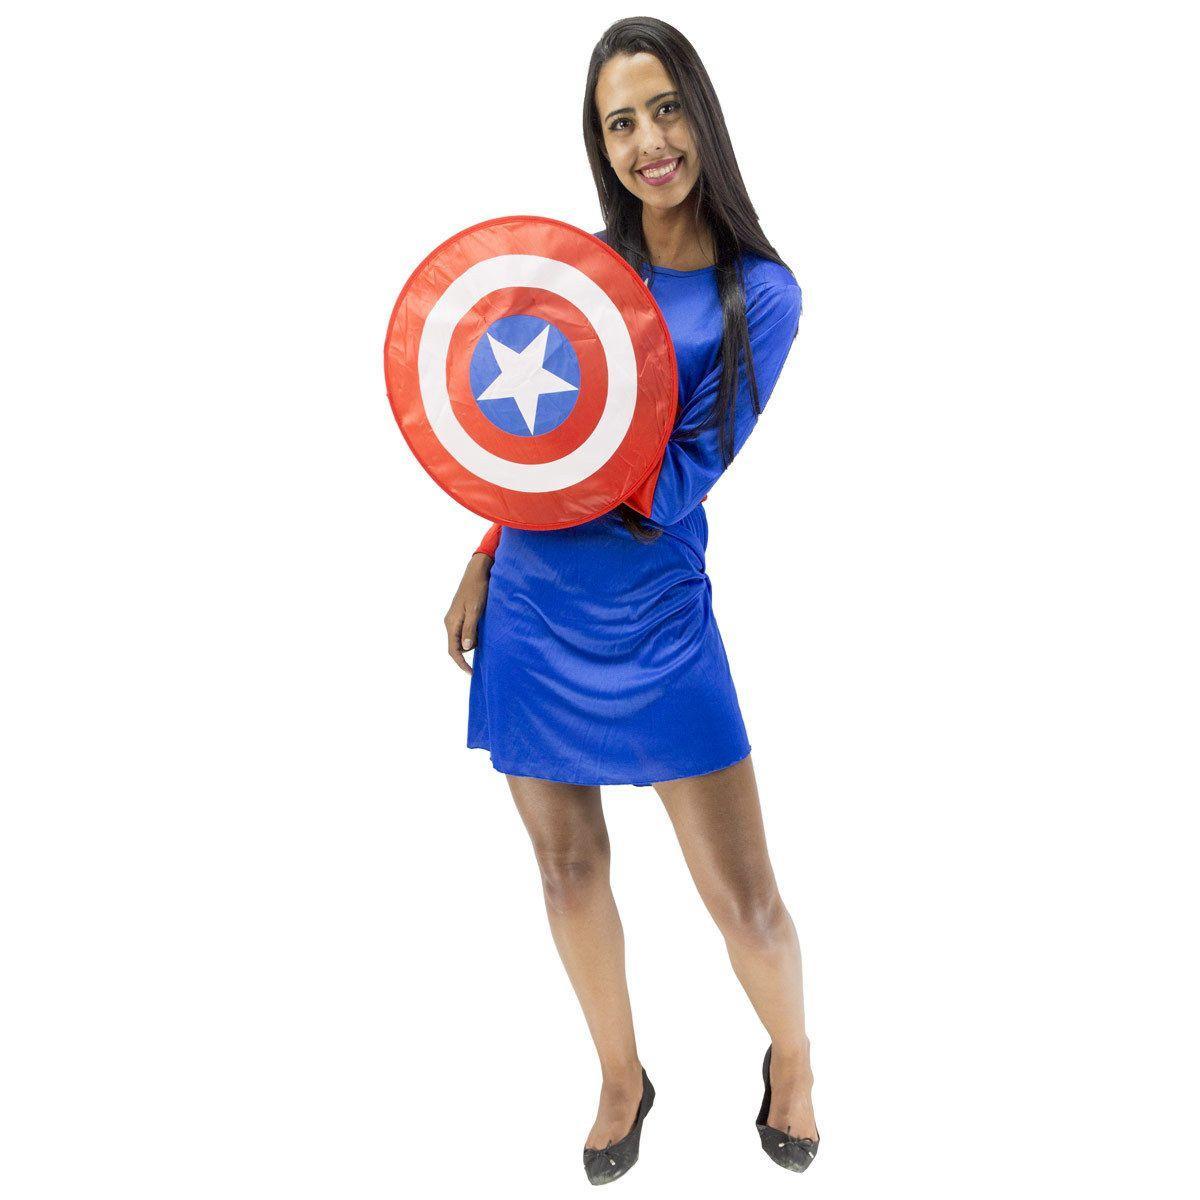 f101d5cb9a Fantasia Capitão America Feminino Capitã Com Escudo e Máscara - Fantasias  carol ch R$ 140,05 à vista. Adicionar à sacola